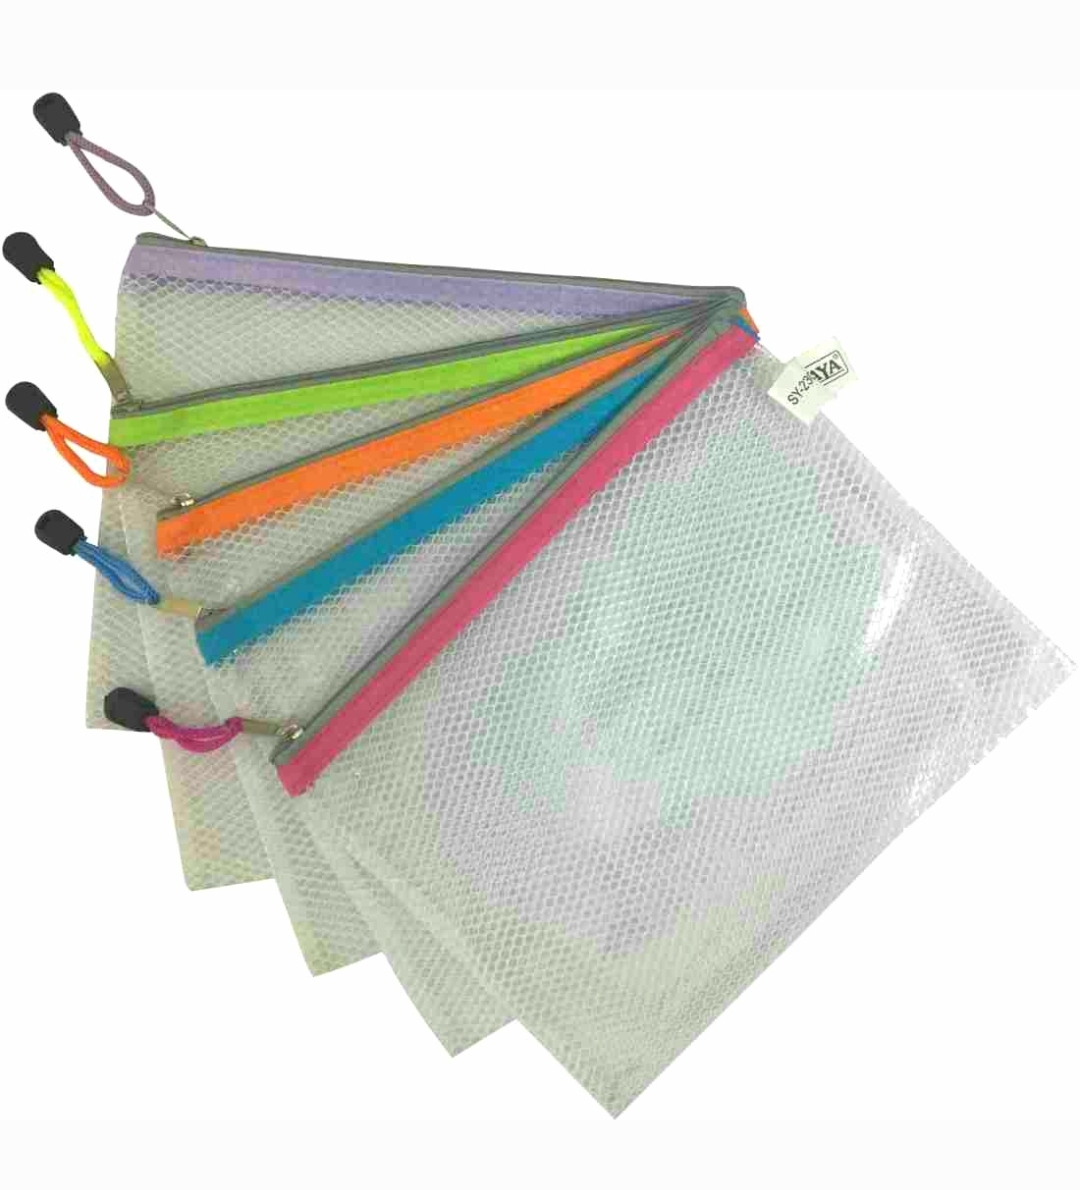 Saya PVC Zipper Bag, SY - 2305, Nylon Zip Bag, 1 Pack of 1 Bag